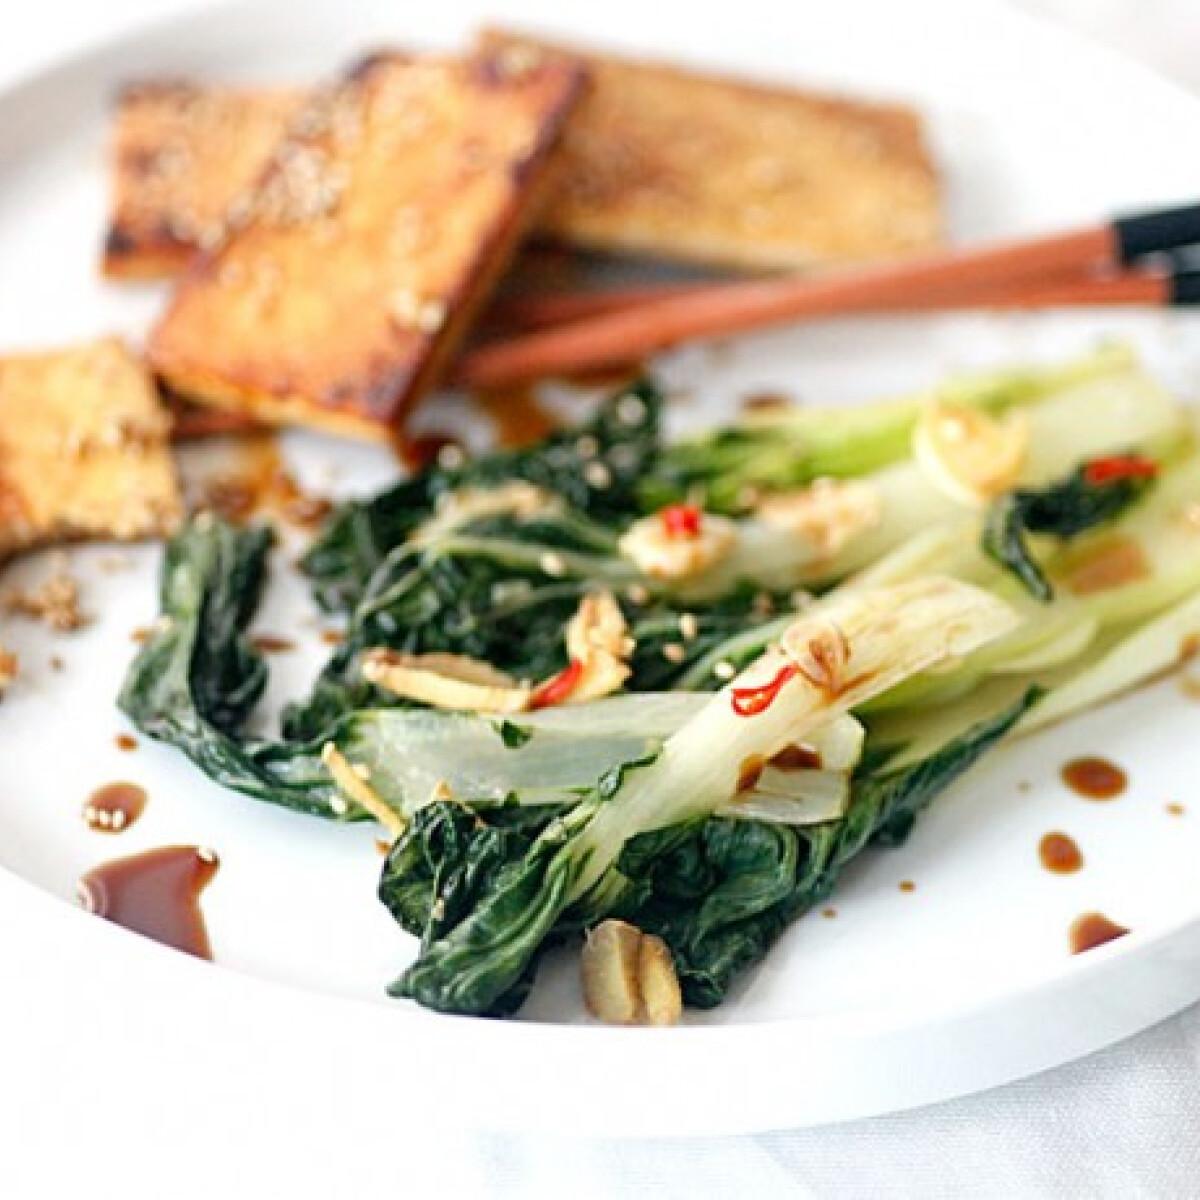 Ezen a képen: Szezámmagos tofu chilis pak-choyal